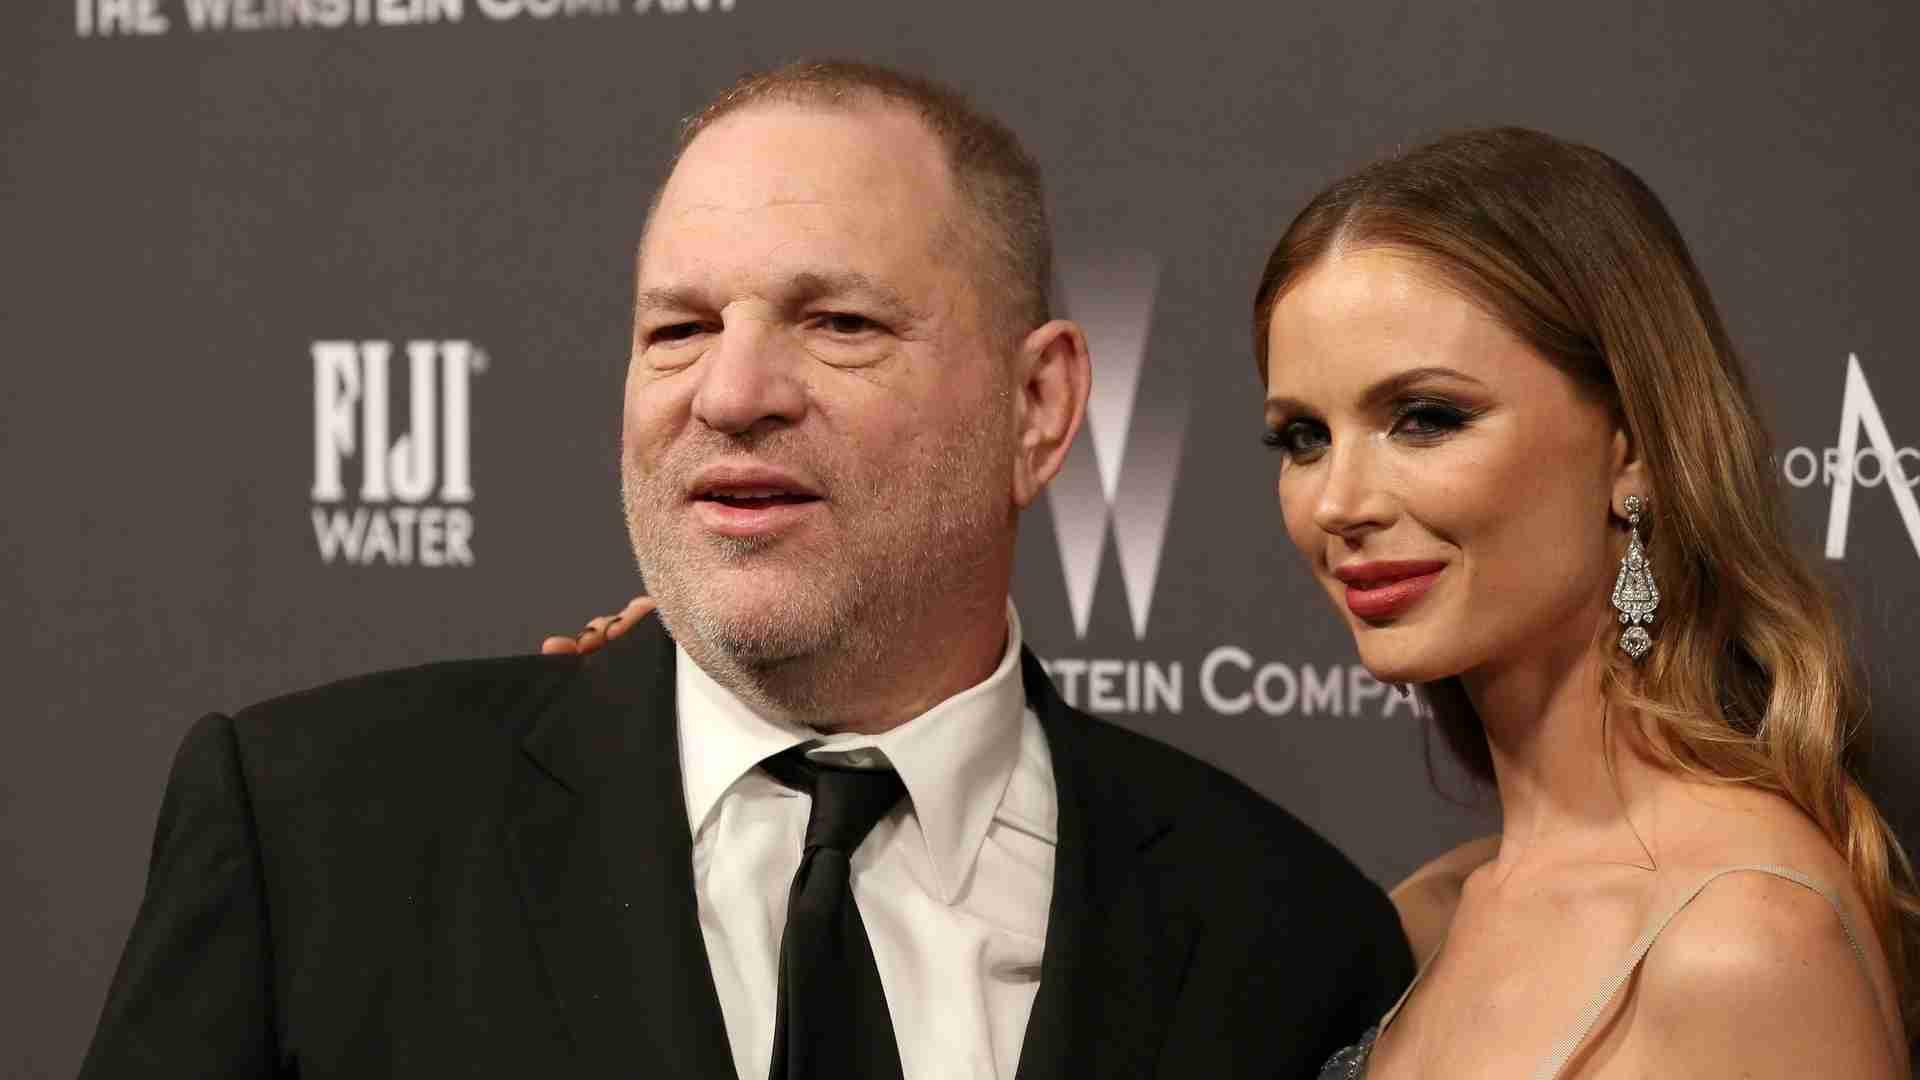 ハーベイ・ワインスタインのセクハラ暴露騒動が明かした、ハリウッドの偽善者ぶり(猿渡由紀) - 個人 - Yahoo!ニュース